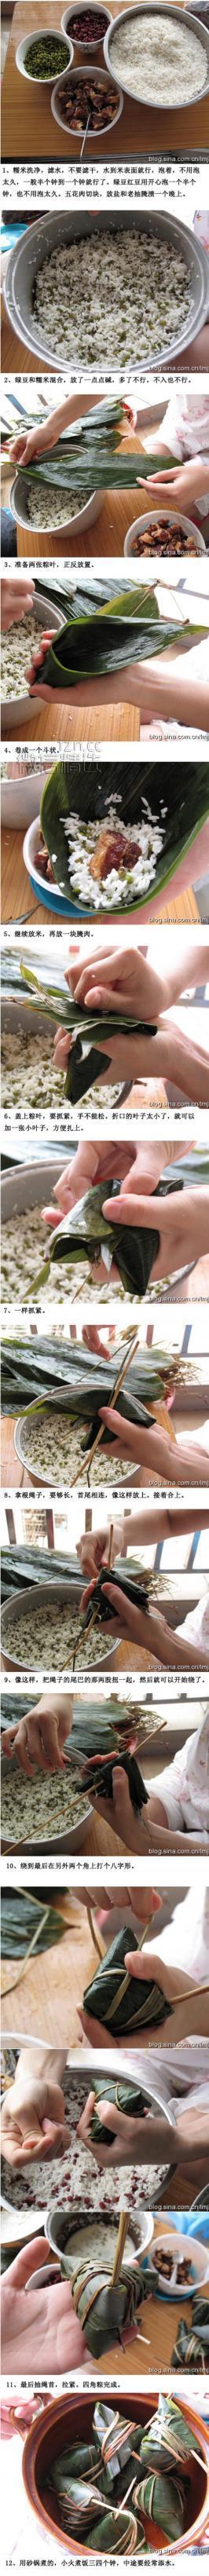 详细图解四角肉粽子 竹叶粽的包法